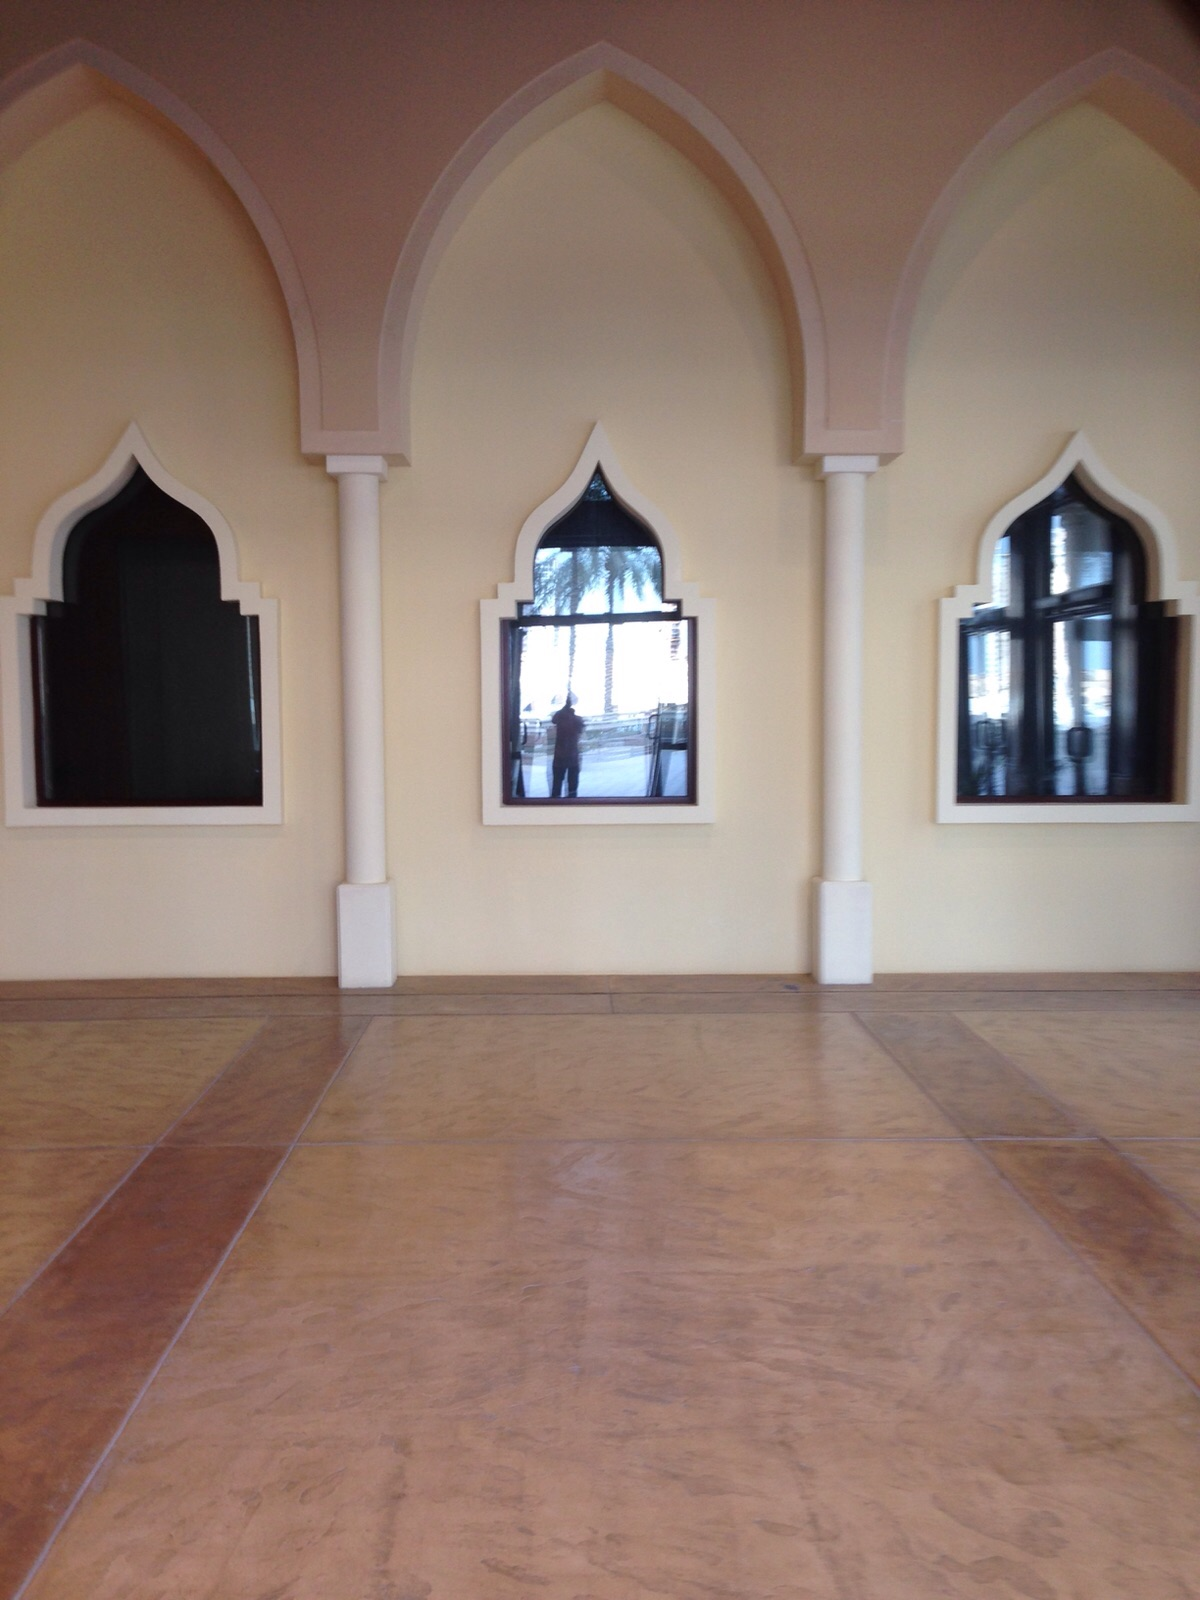 Parabolic windows